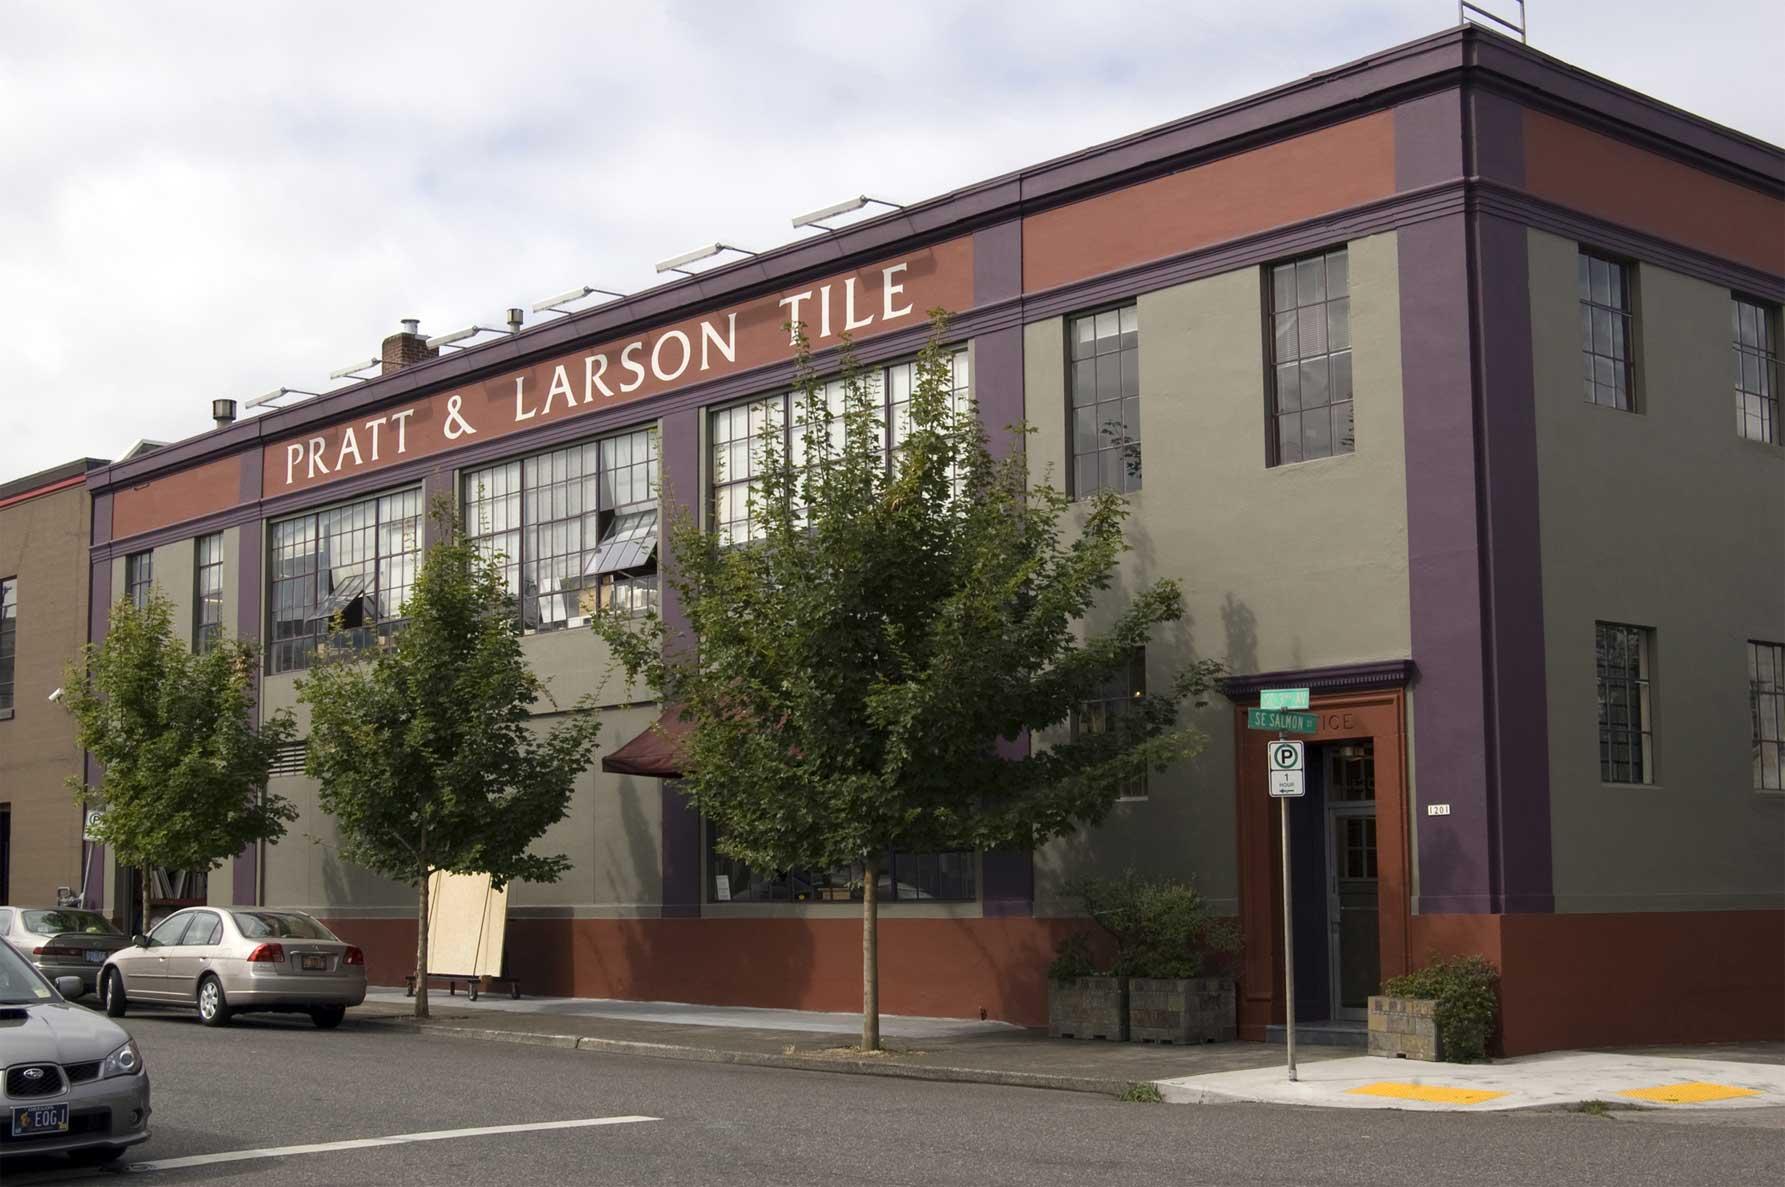 Fullsize Of Pratt And Larson